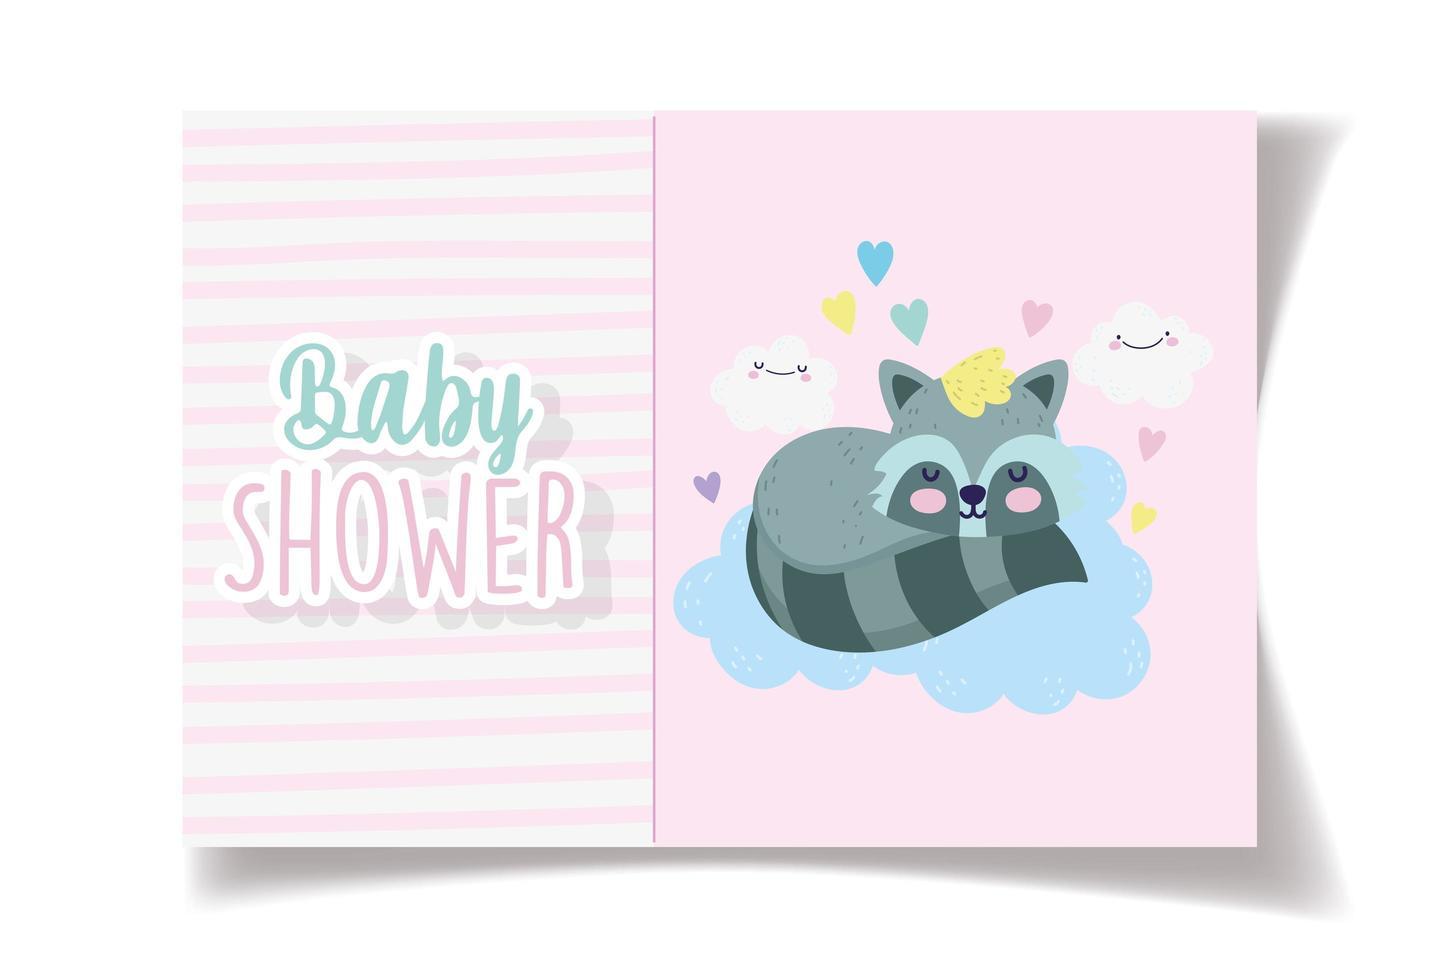 baby shower kort mall med söt tvättbjörn tjej vektor